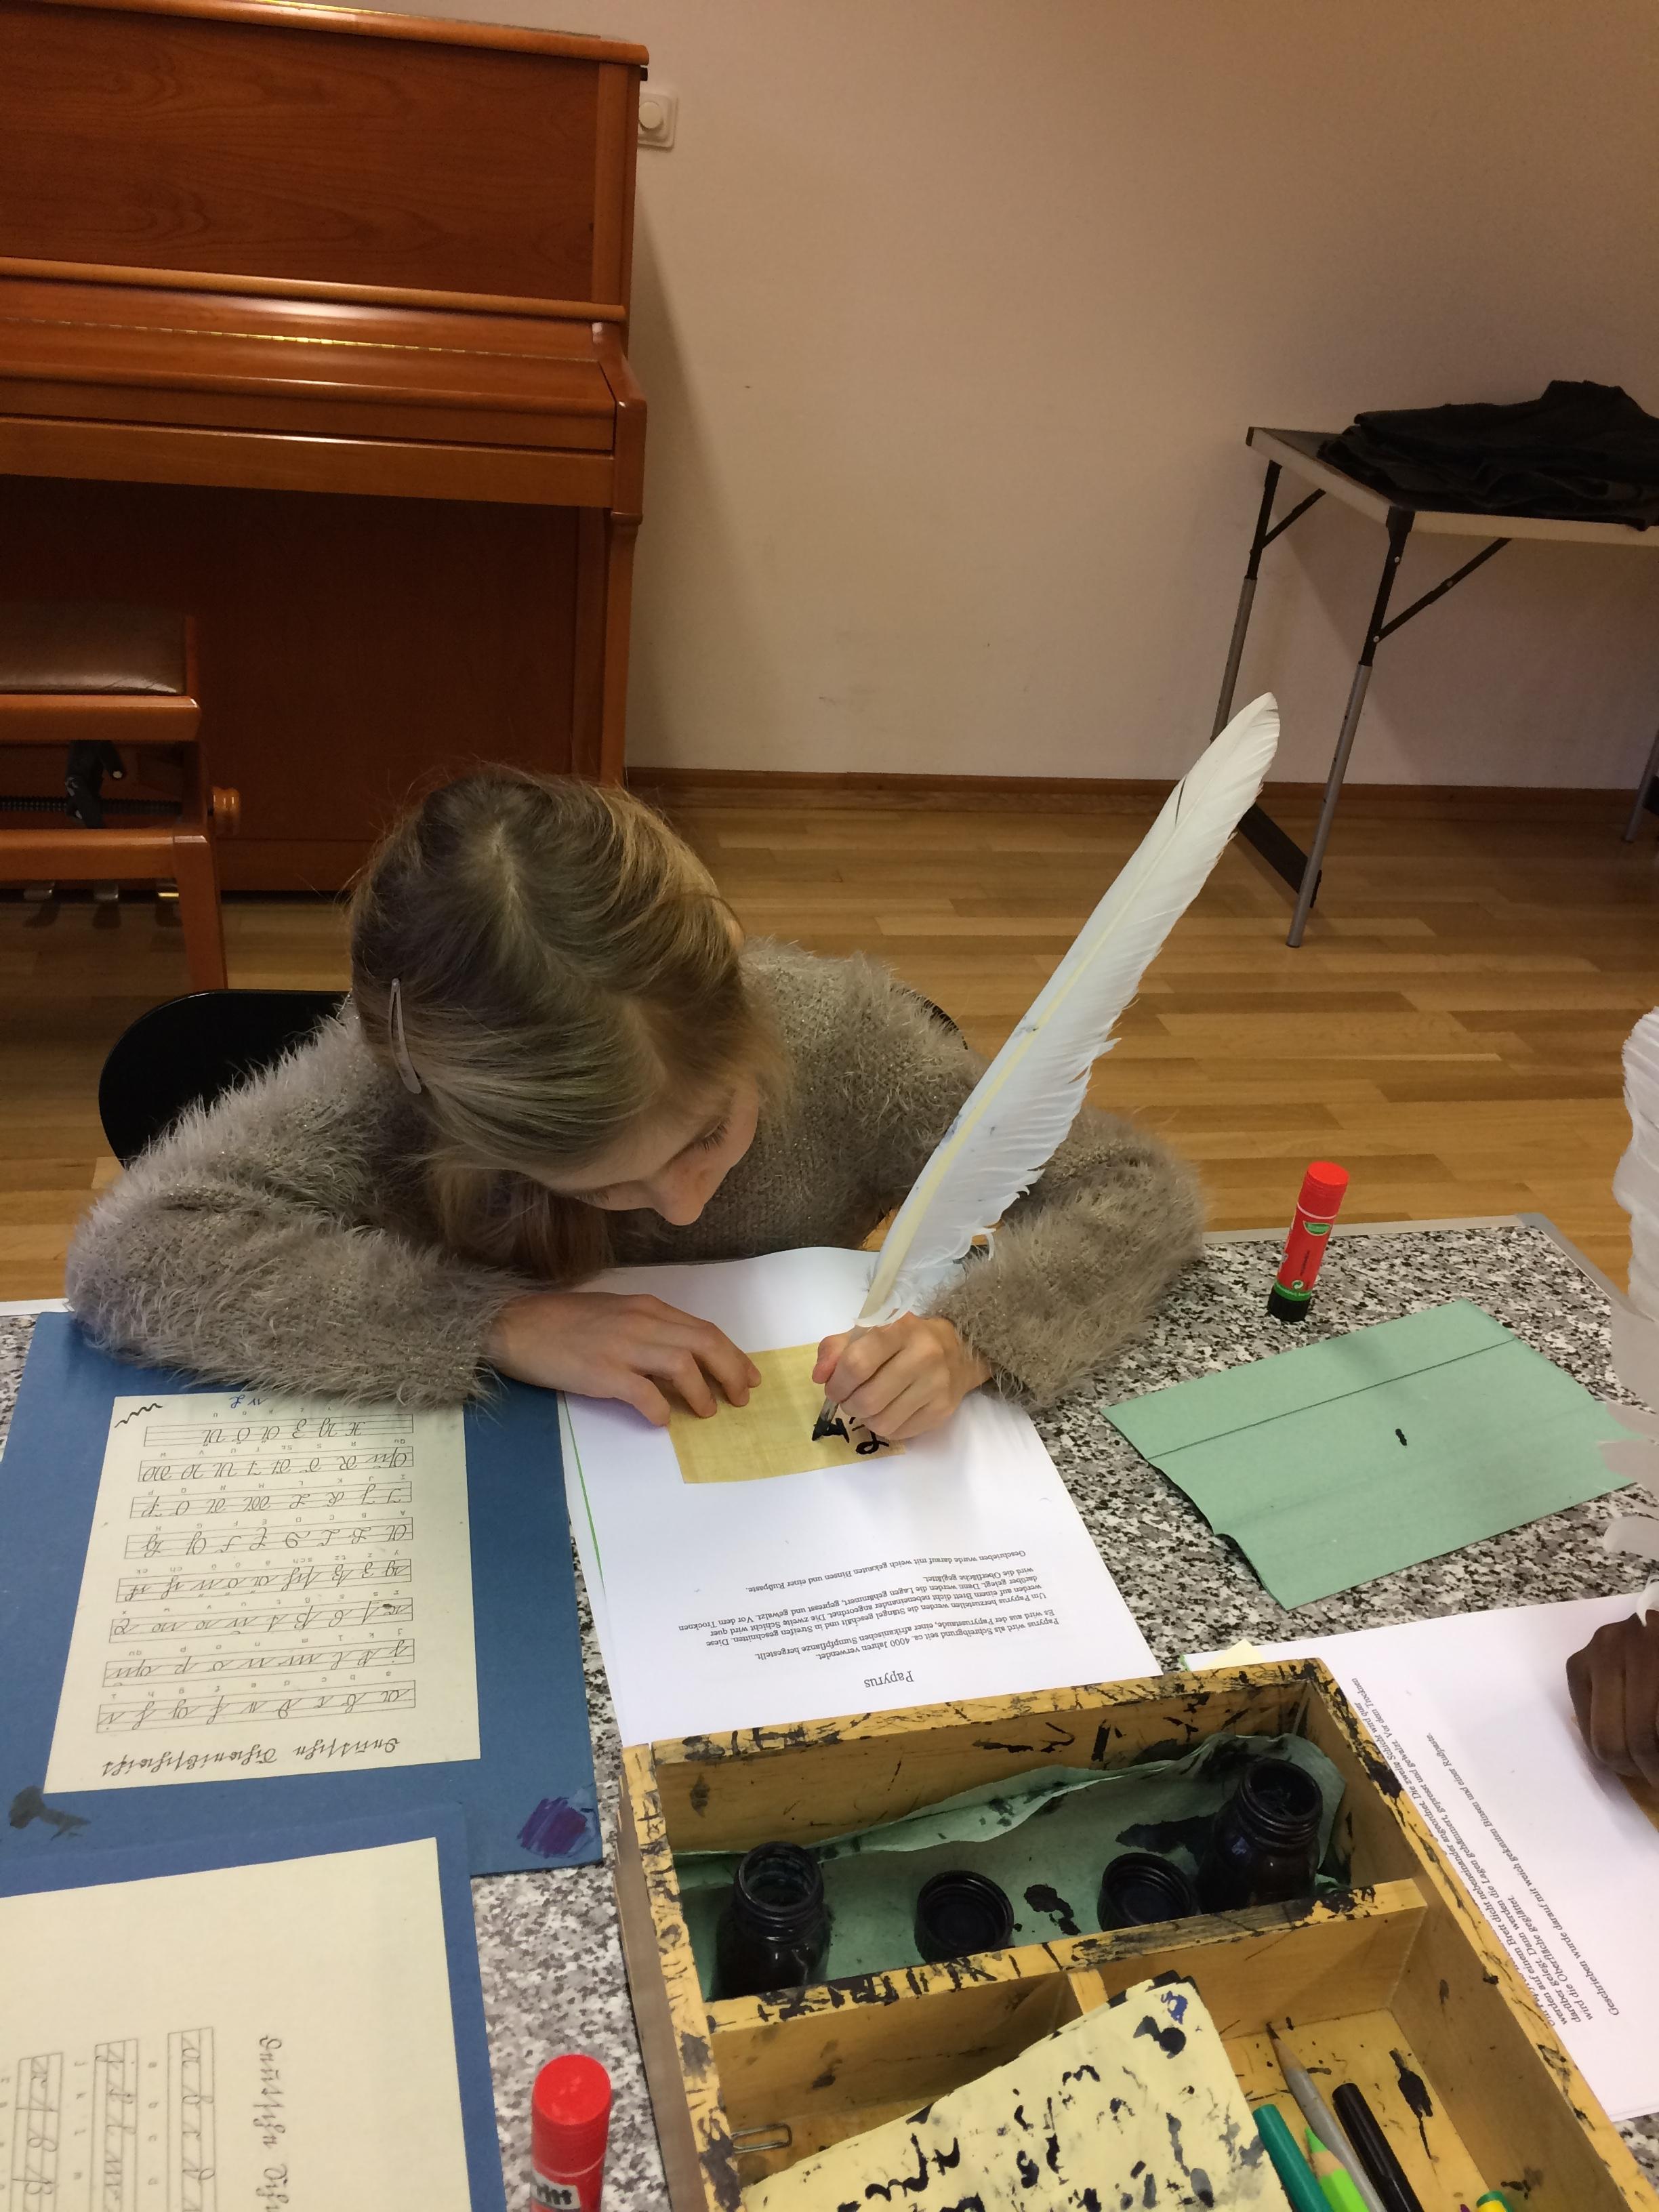 Auch Emilia gibt sich viel Mühe bei der Schönschrift mit Tinte und Feder.